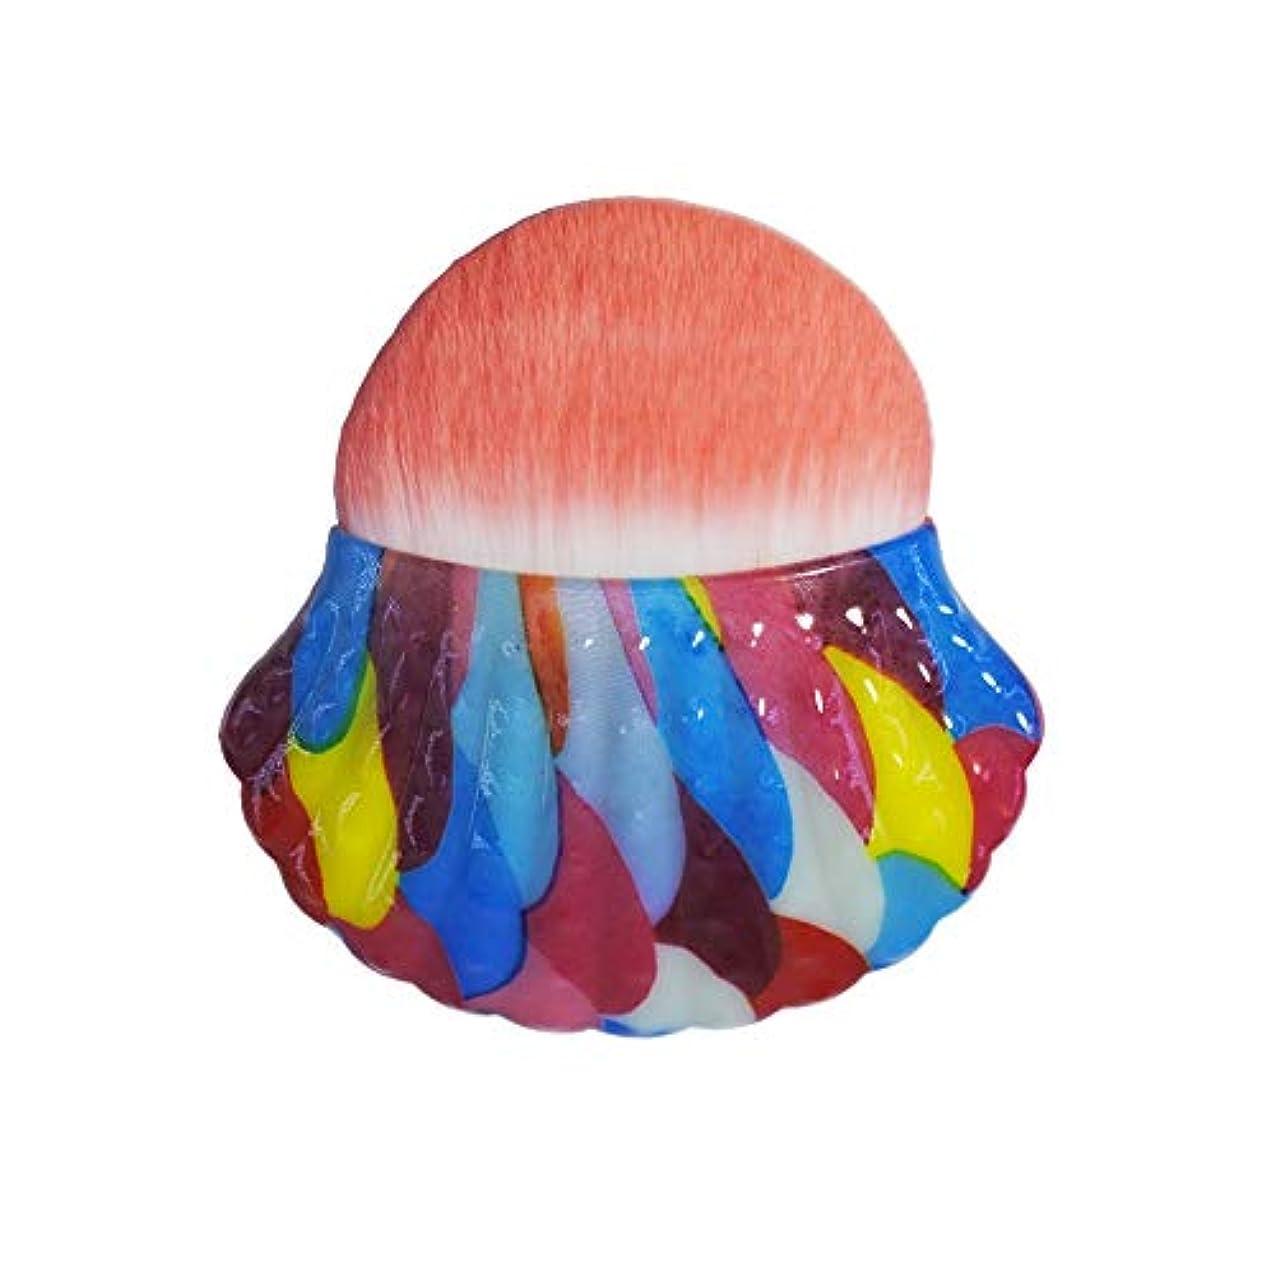 Makeup brushes 色、独占シェルタイプブラッシュブラシ美容メイクブラシツールポータブル多機能メイクブラシ suits (Color : Rainbow)